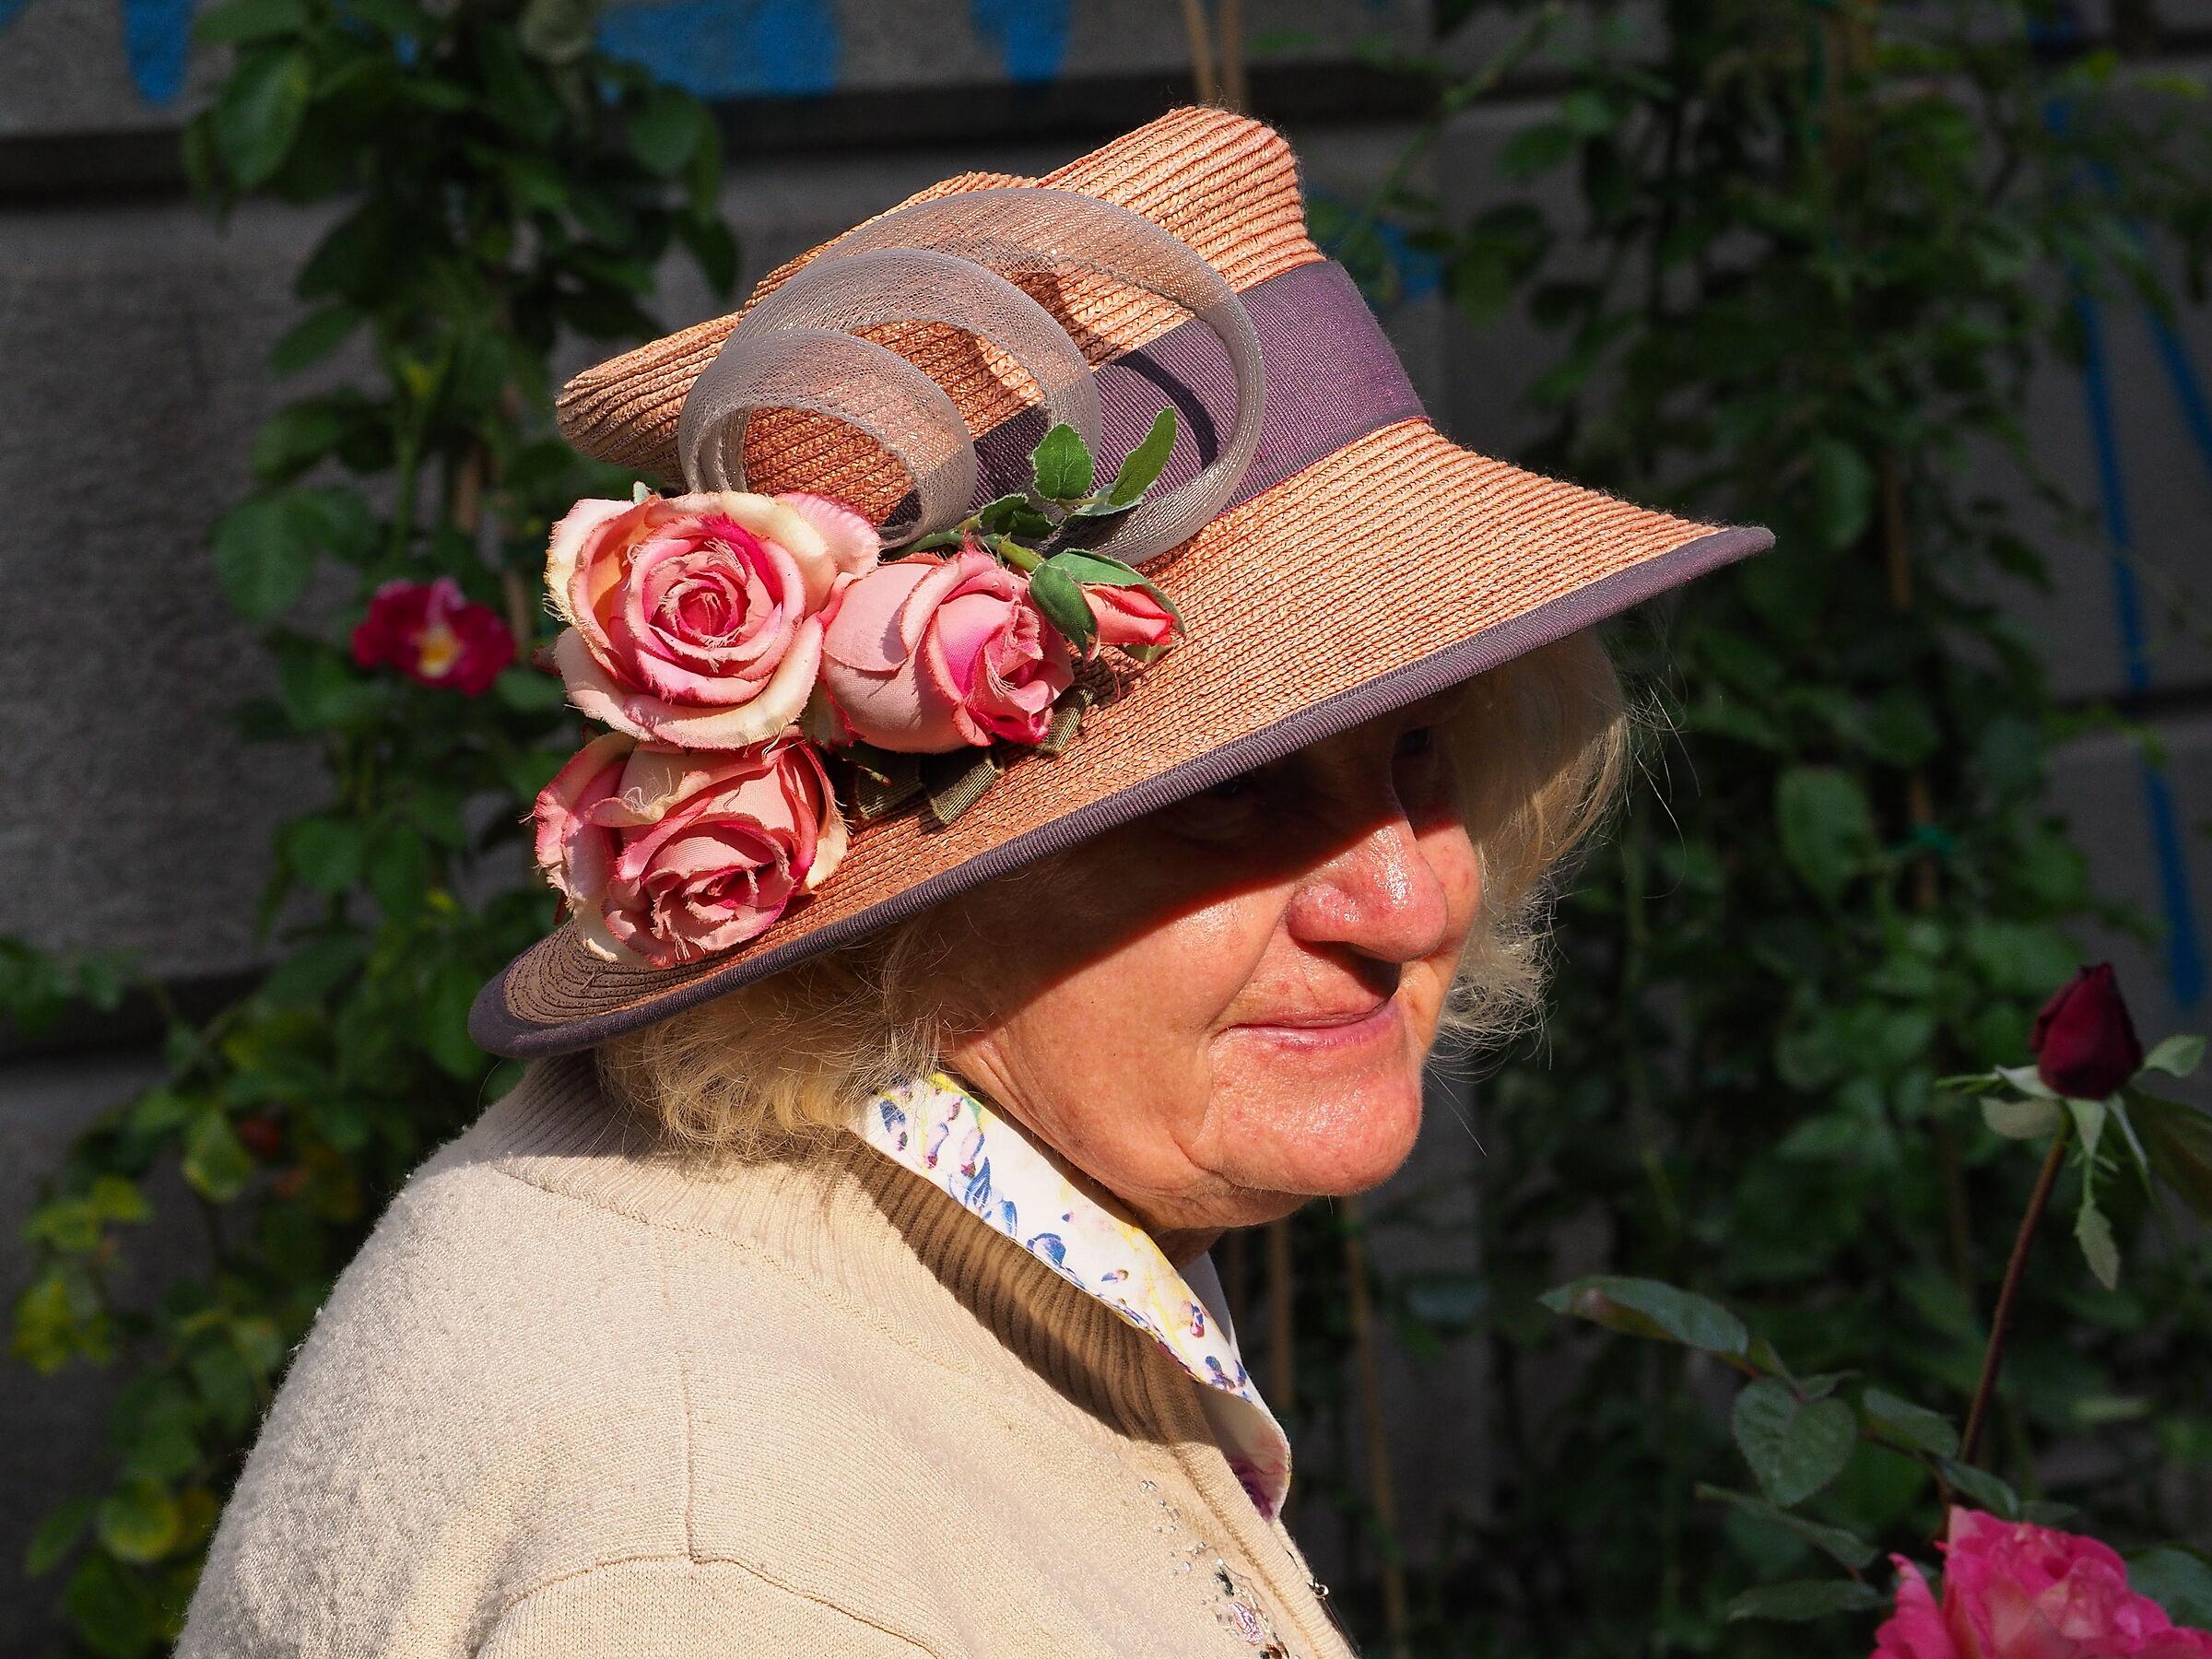 Elderly rose seller...